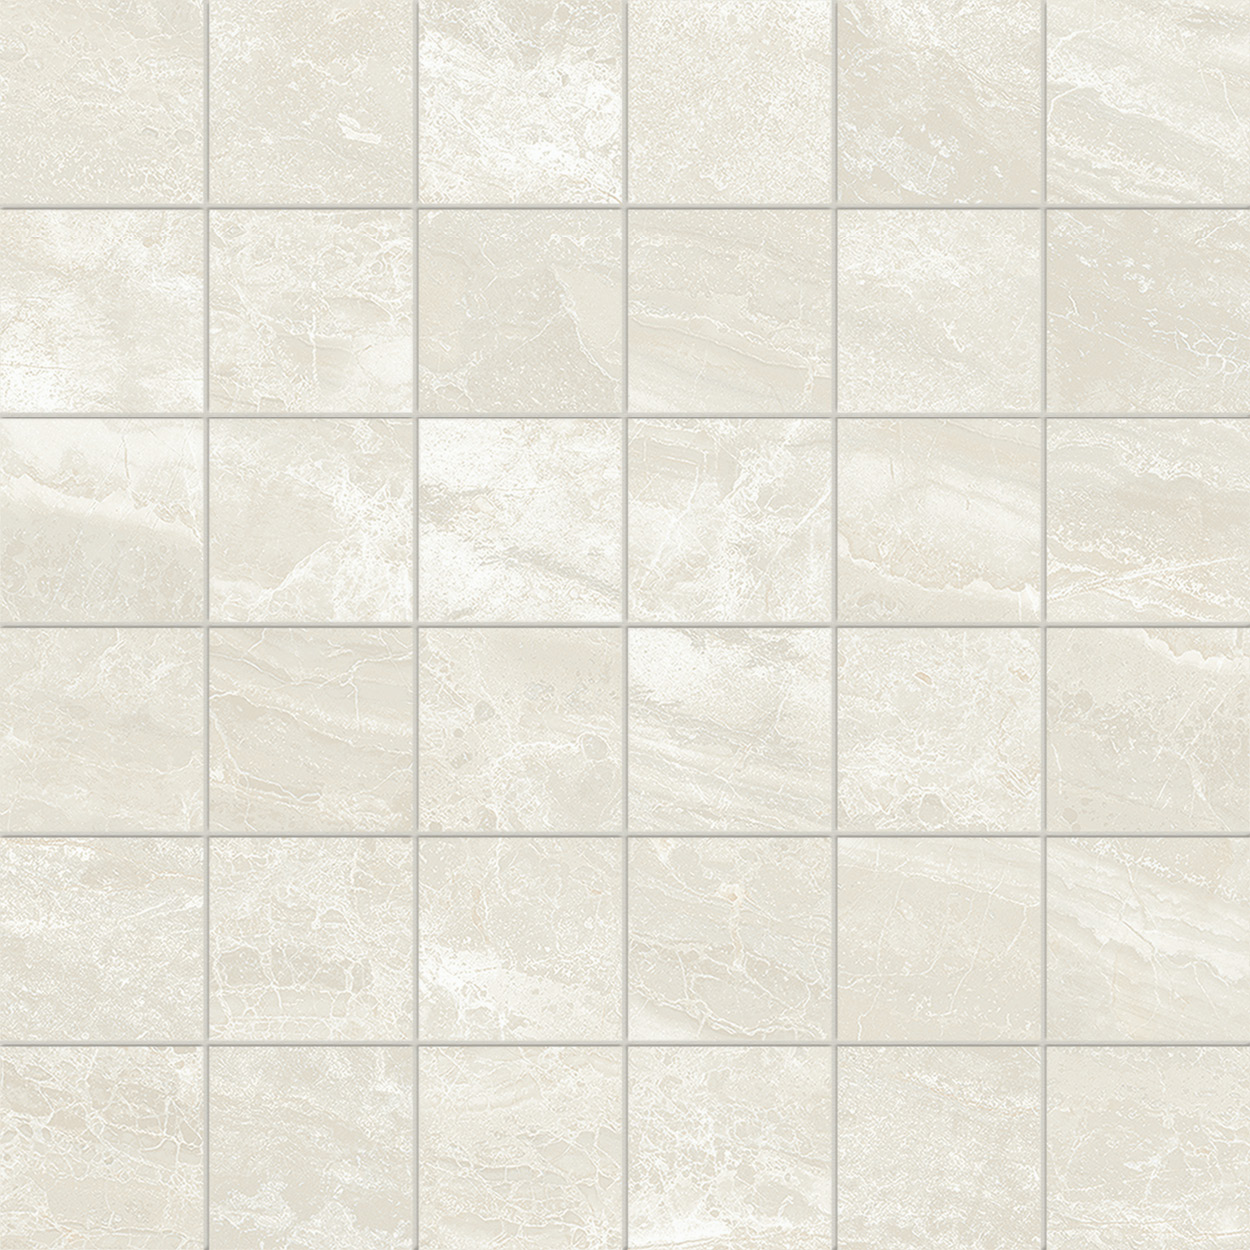 2 x 2 Cosmic White POLISHED porcelain mosaic